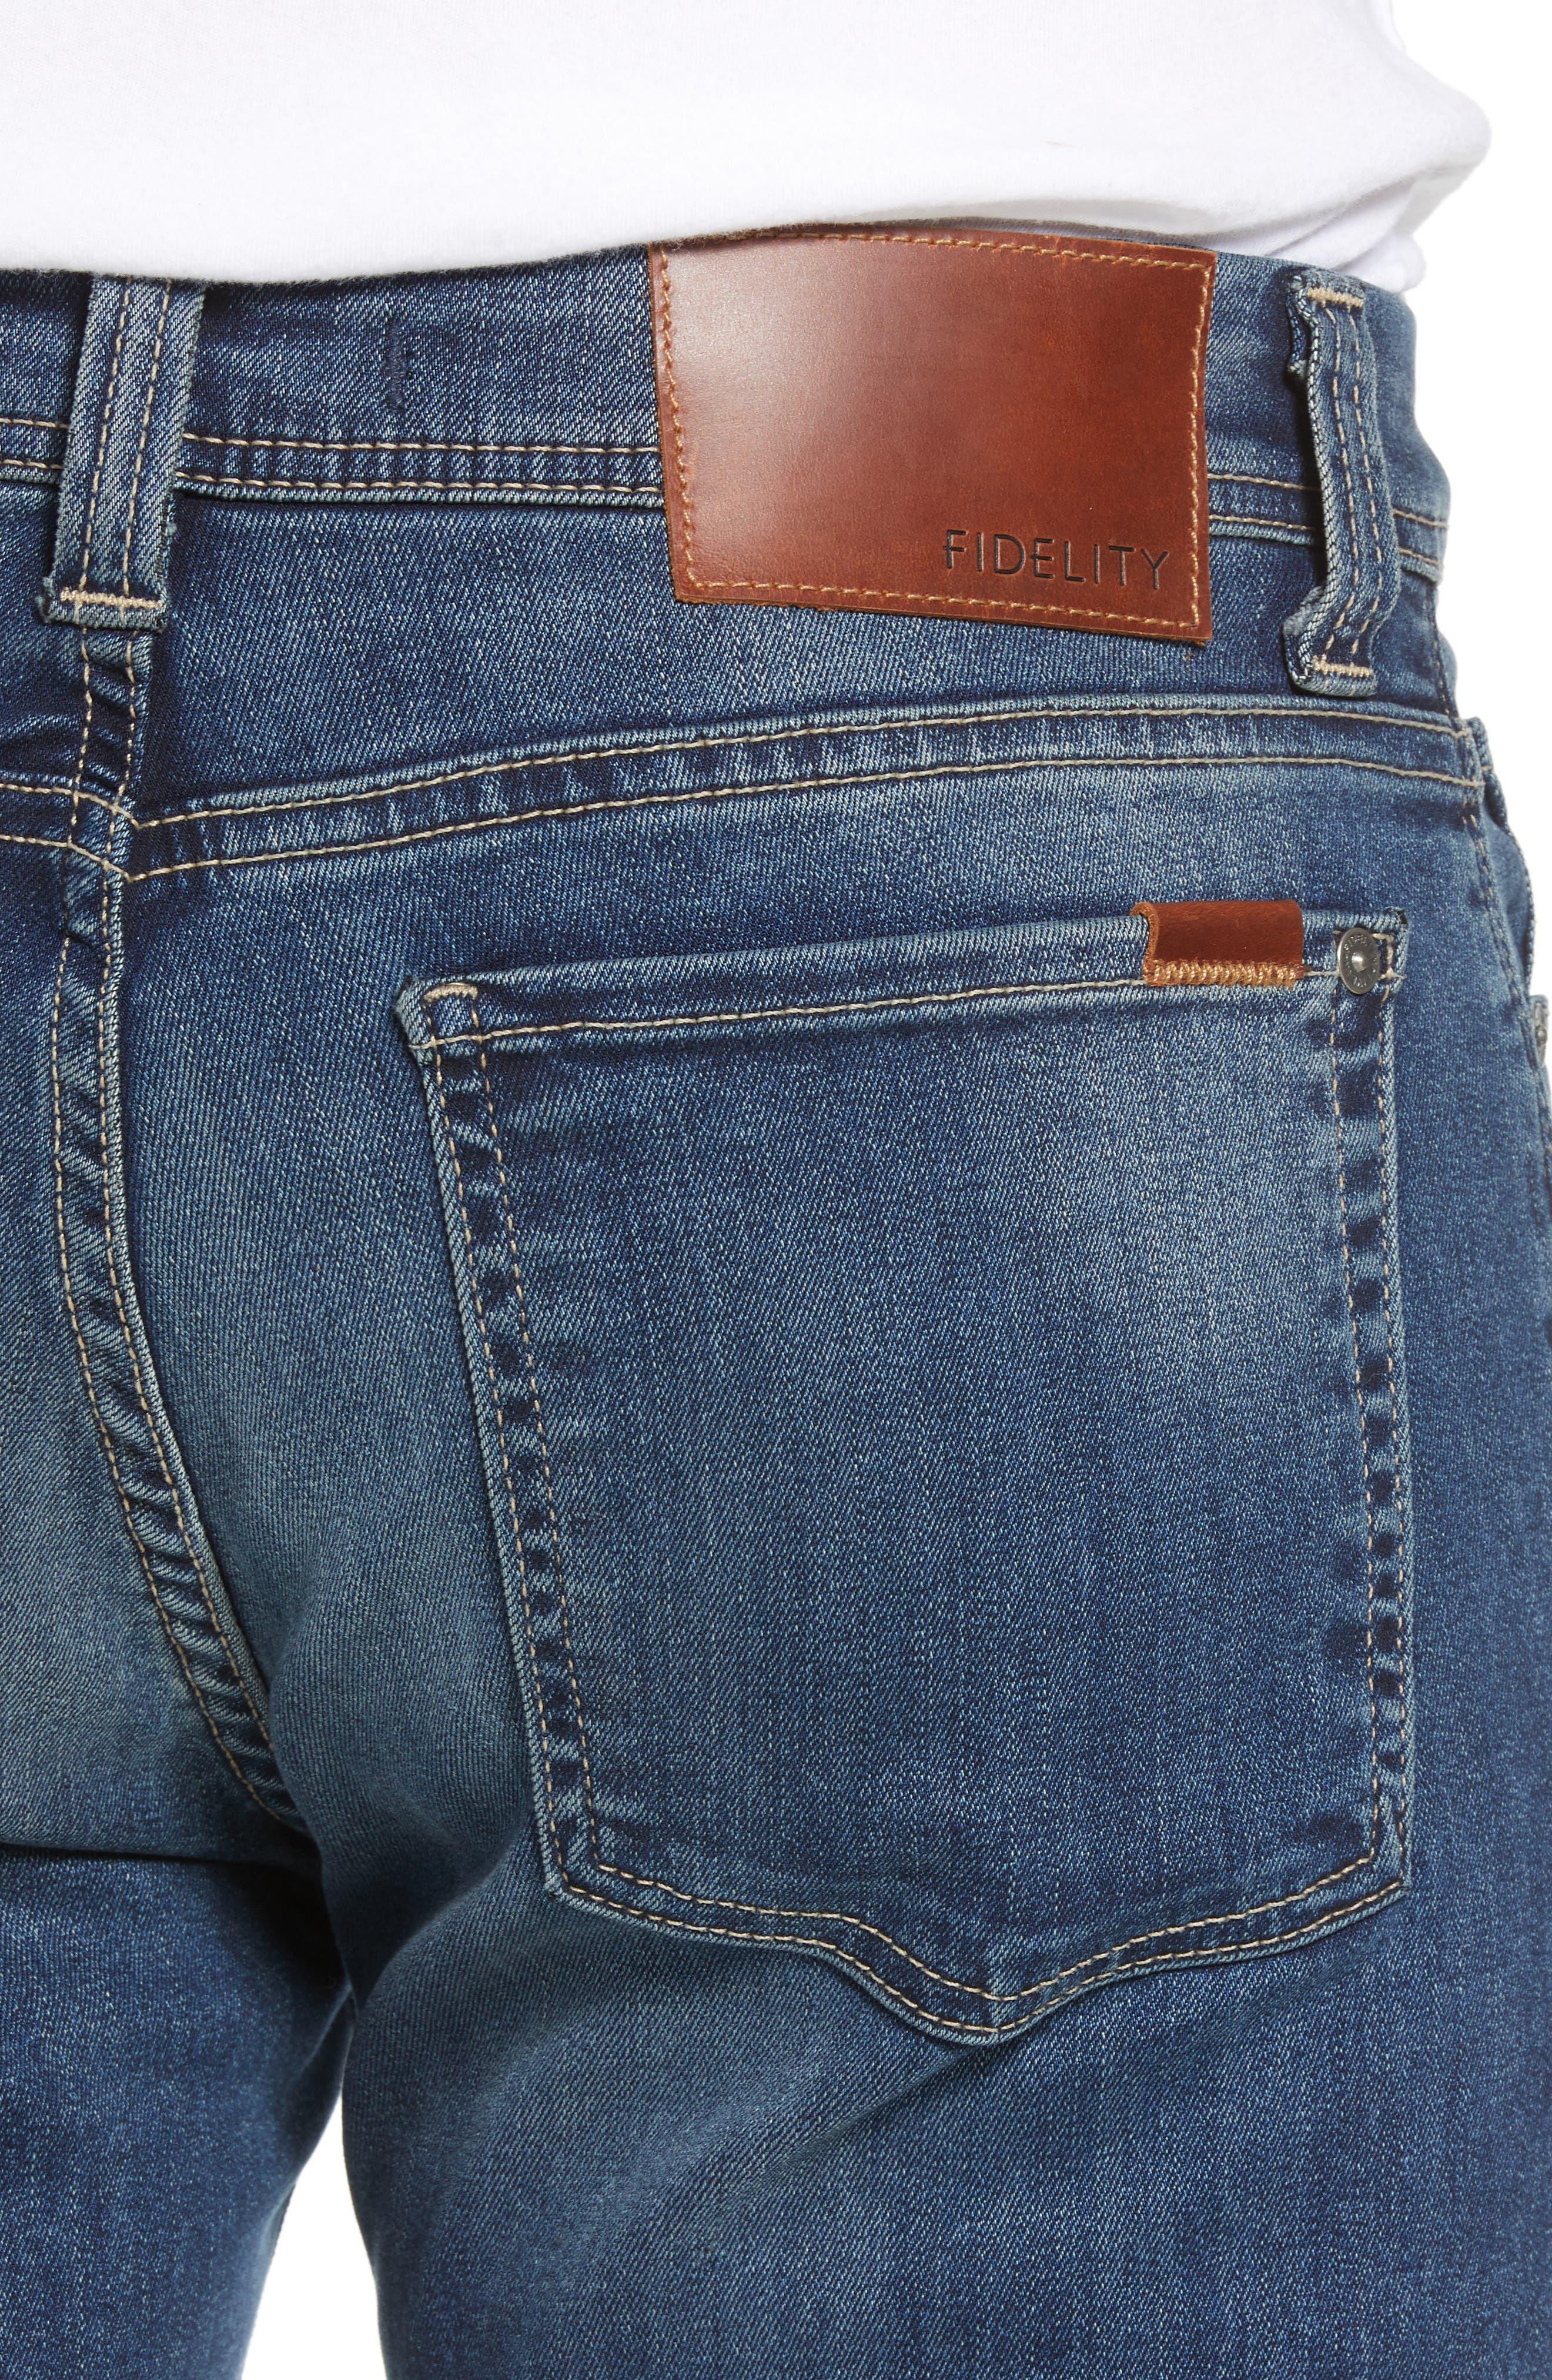 Jimmy Slim Straight Leg Jeans,                             Alternate thumbnail 4, color,                             Satori Blue